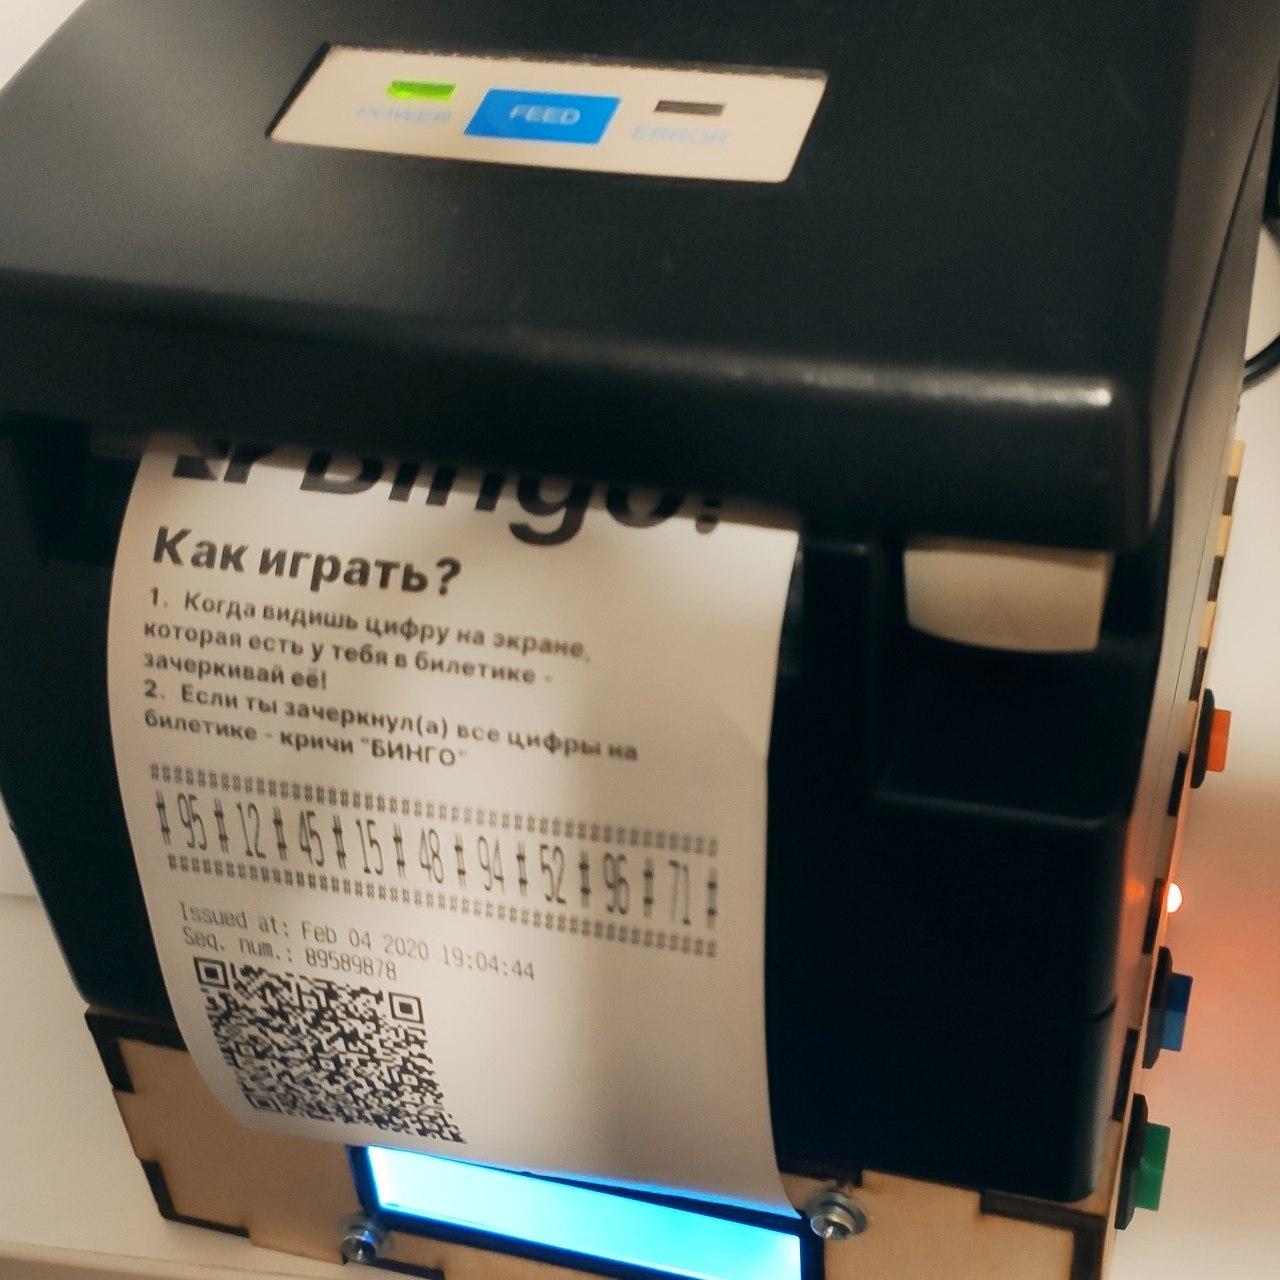 Дешёвая и быстрая печать на чековом термопринтере - 5